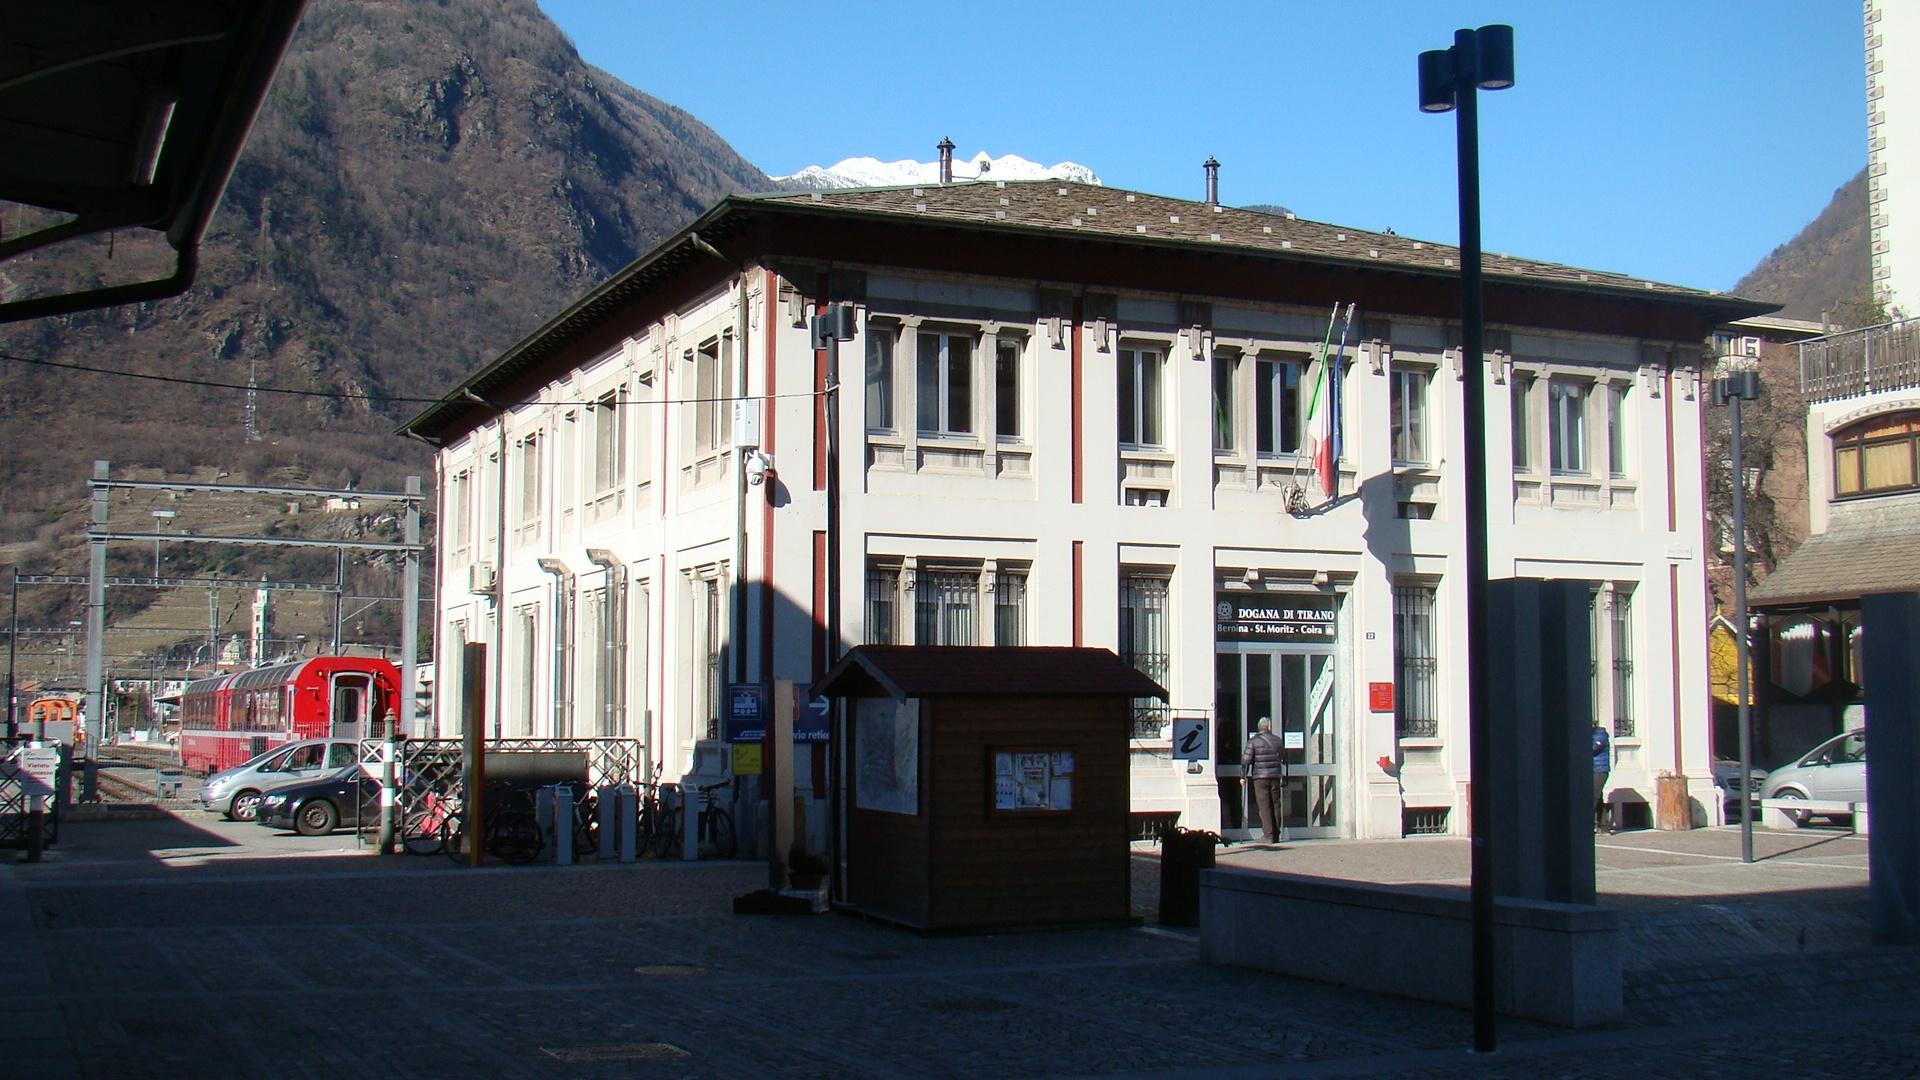 Ufficio Di Piano Tirano : Ufficio dogana tirano so stazione treno del bernina u studio